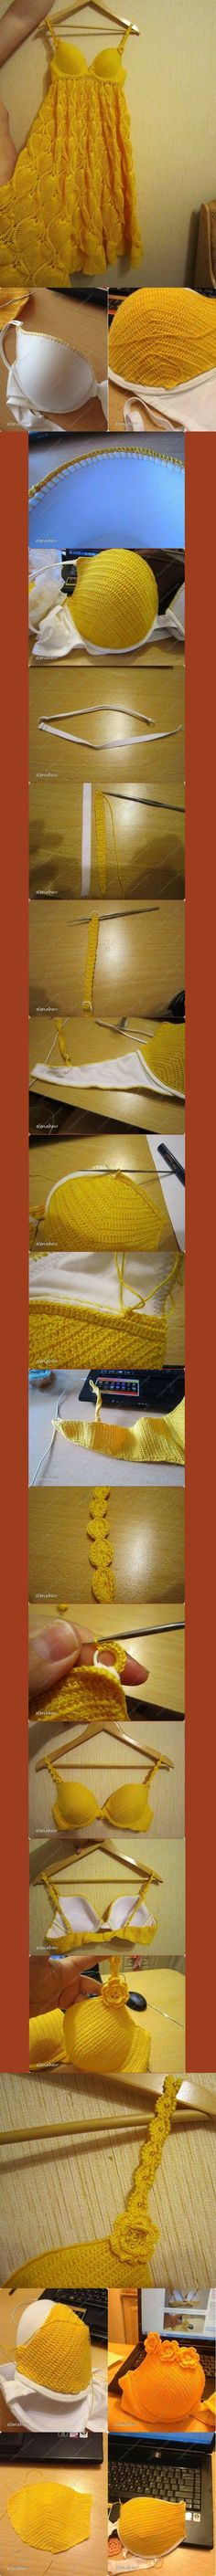 Обвязка бюстгальтера крючком или верх для летнего платья: